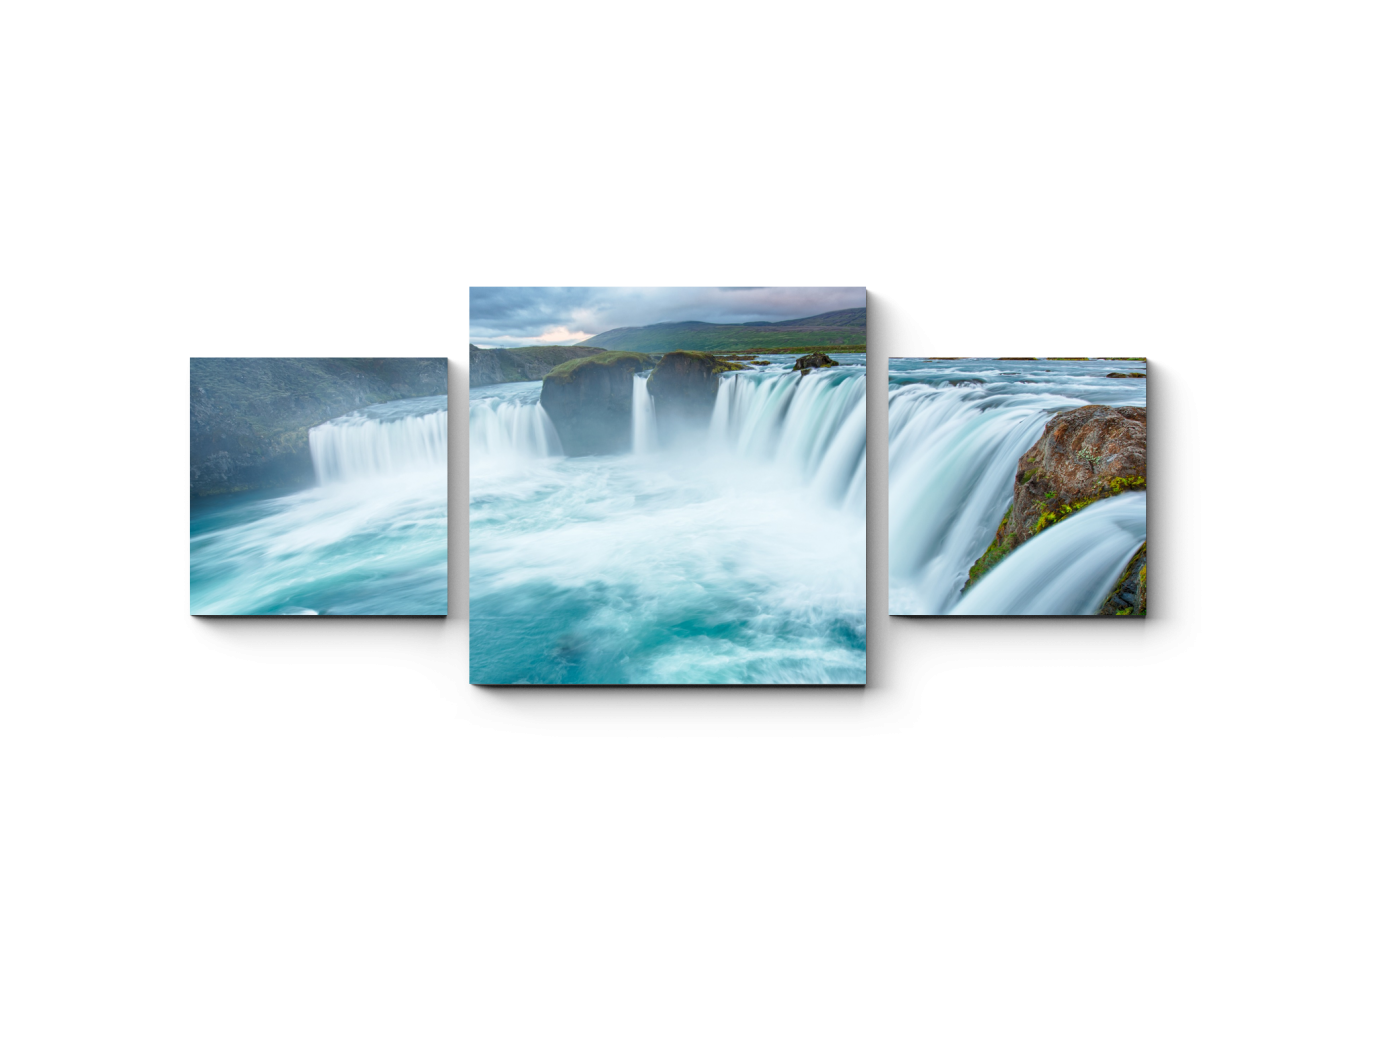 Модульная картина Водопад Богов - Годафосс (70x30) фото